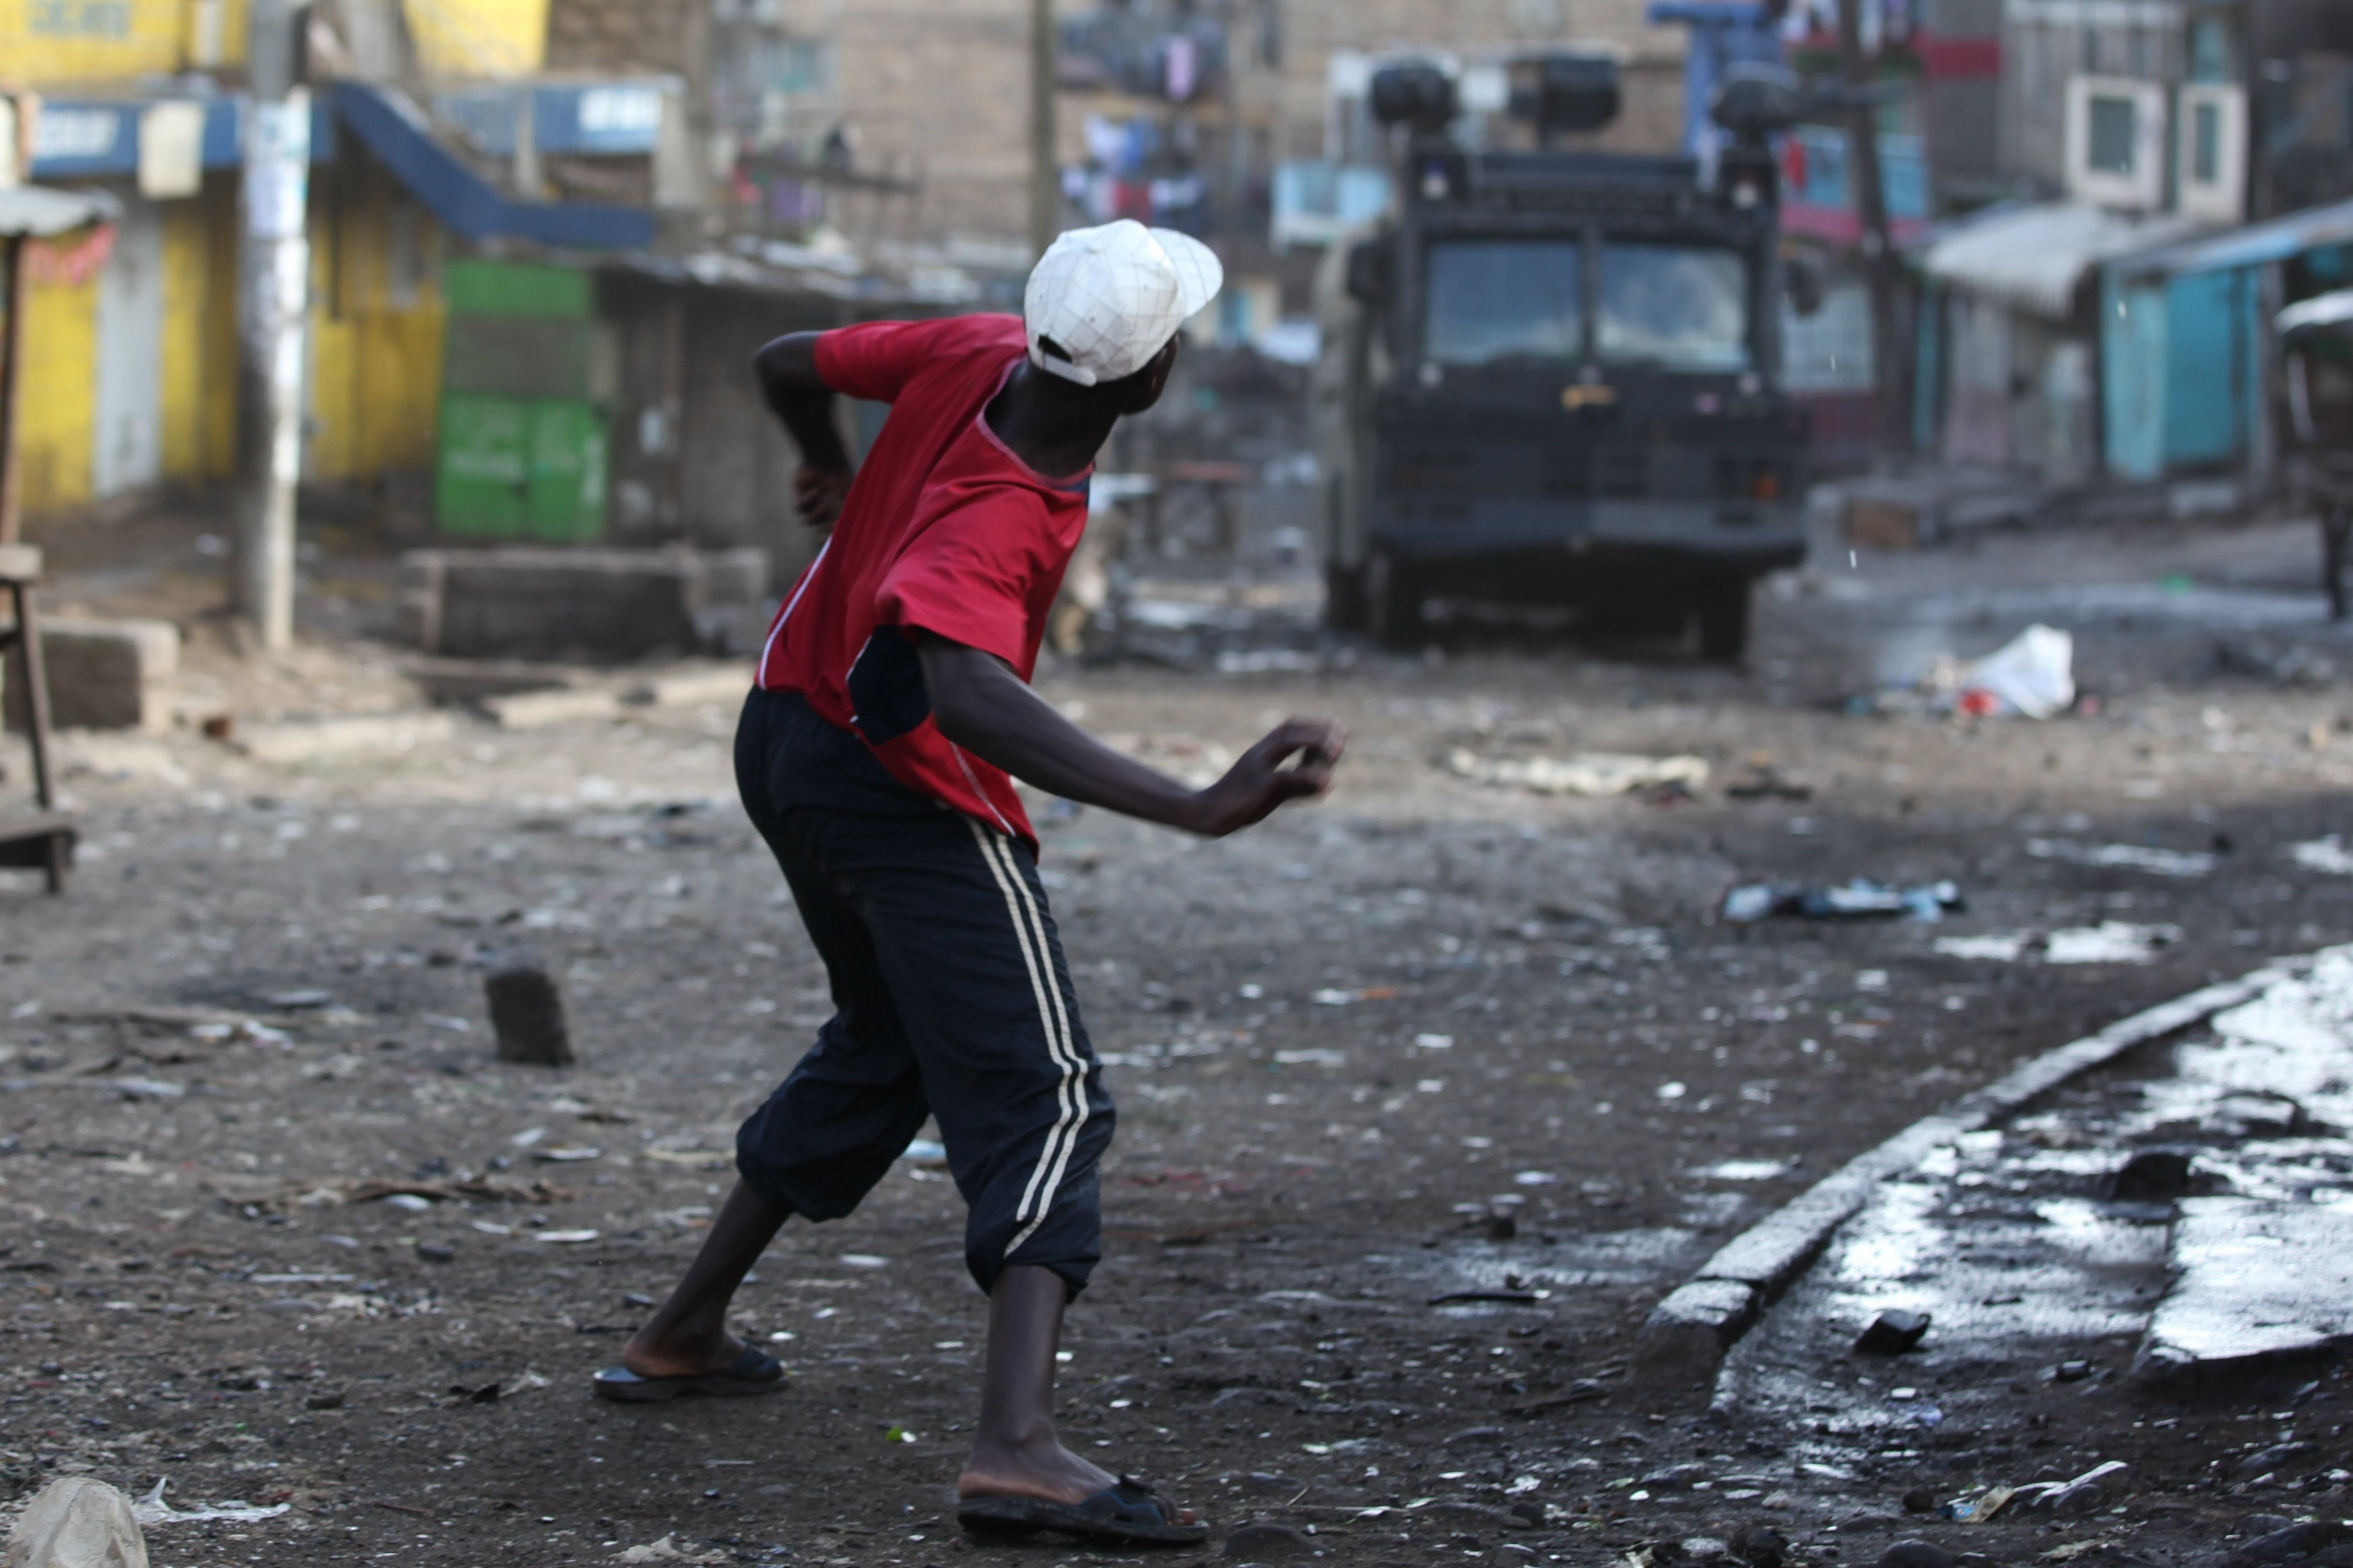 Un simpatitzant de Súper Aliança Nacional (NASA) llança pedres contra un vehicle policial durant els enfrontaments entre opositors i policia a Nairobi, Kenya. /DANIEL IRUNGU